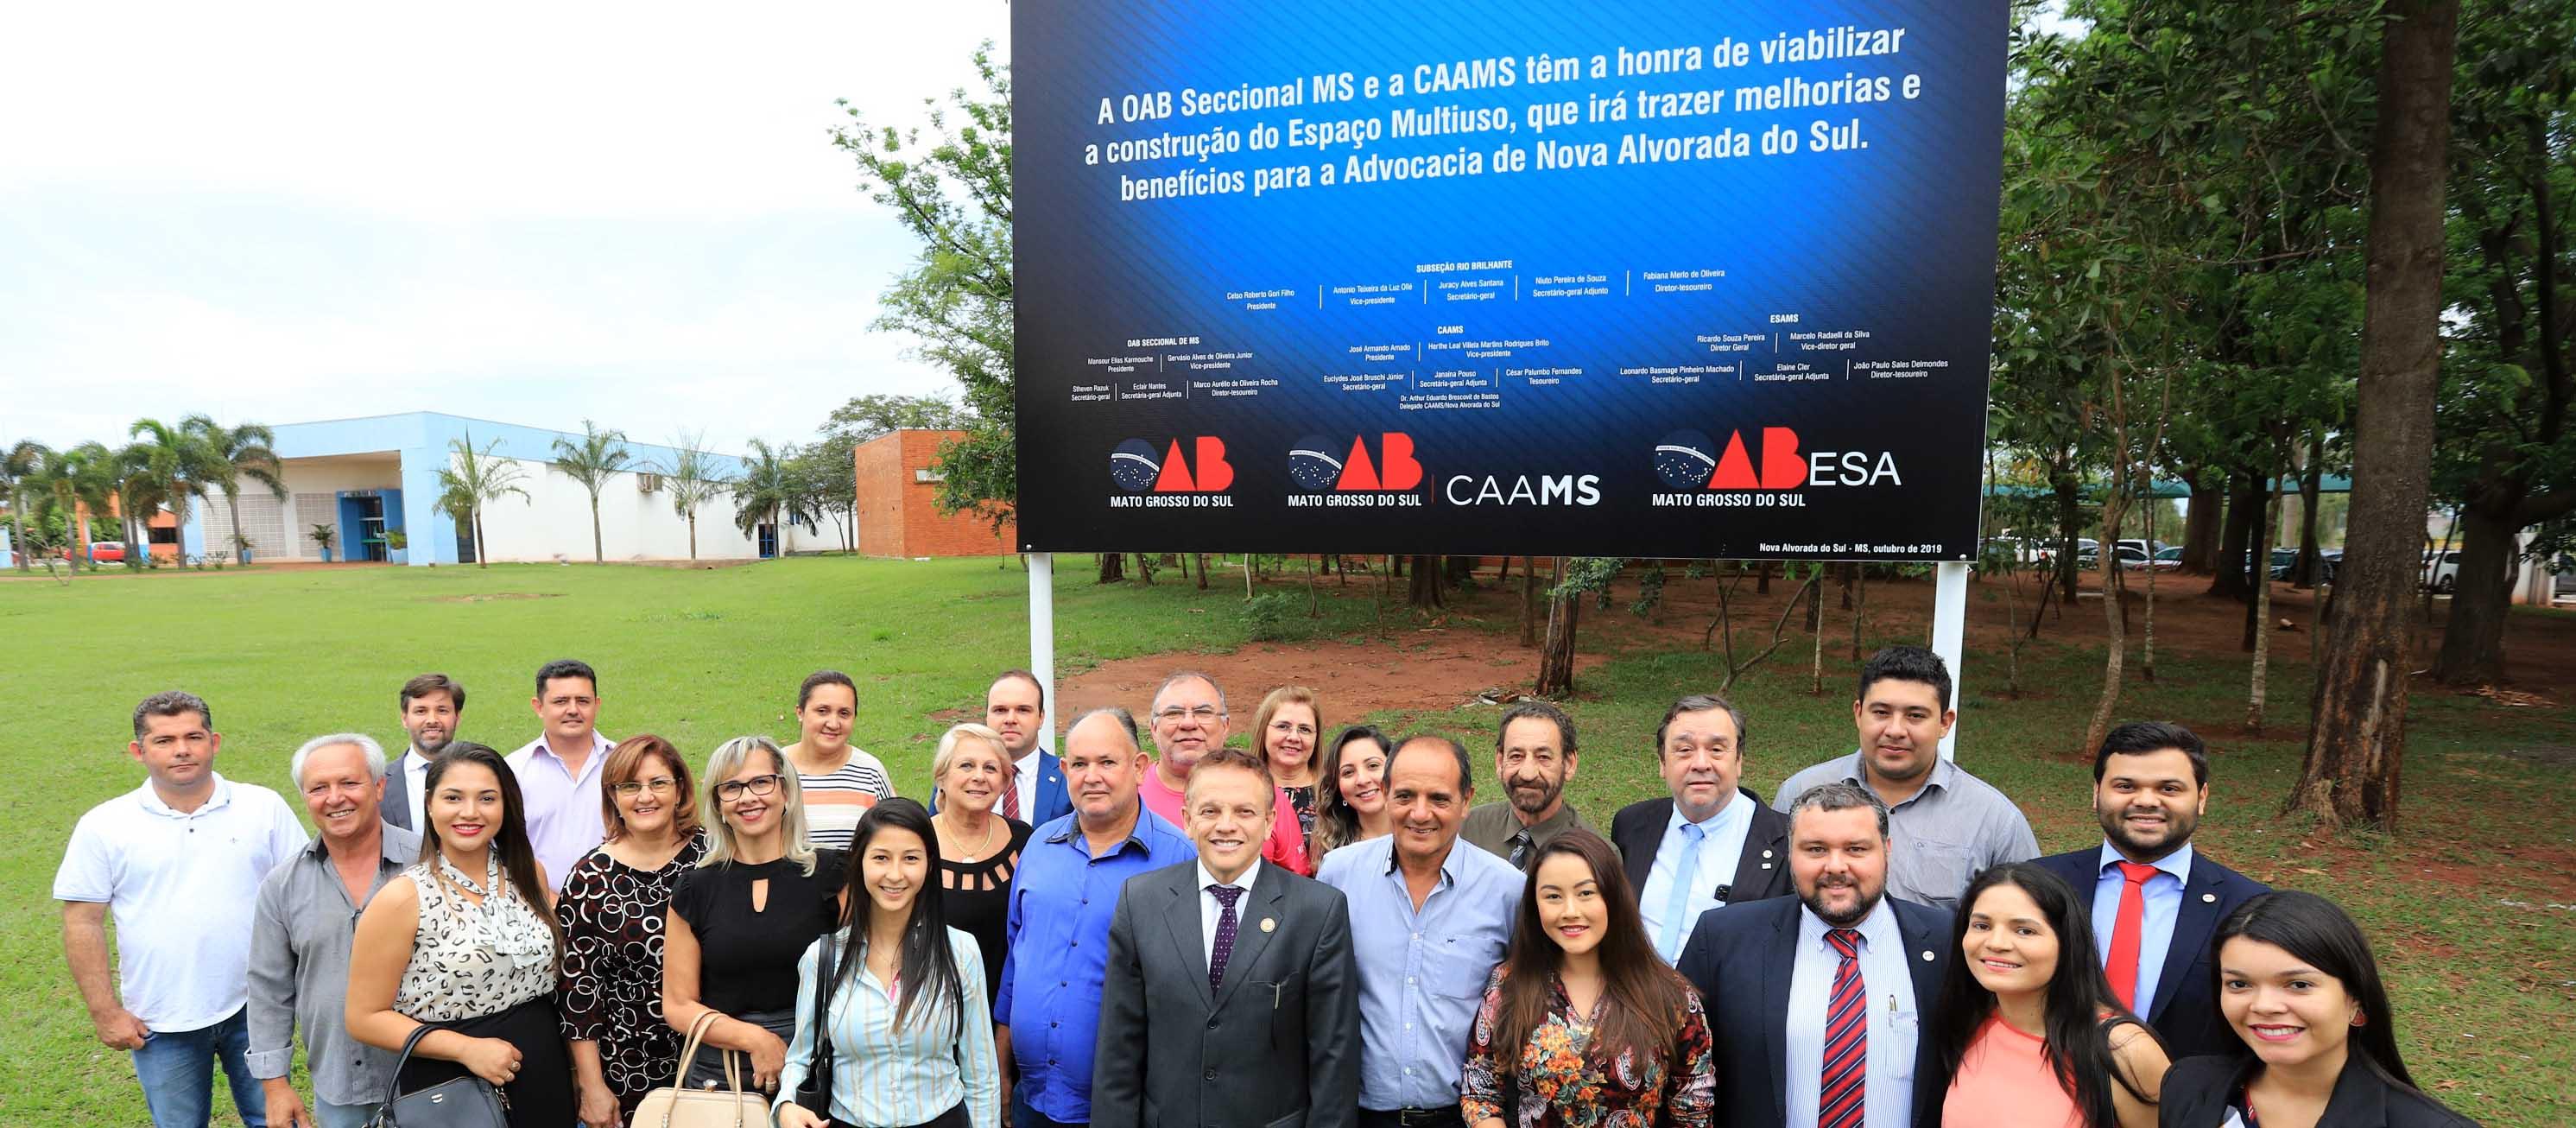 Atendendo a anseios, OAB/MS e CAAMS lançam construção do Espaço Multiuso em Nova Alvorada do Sul